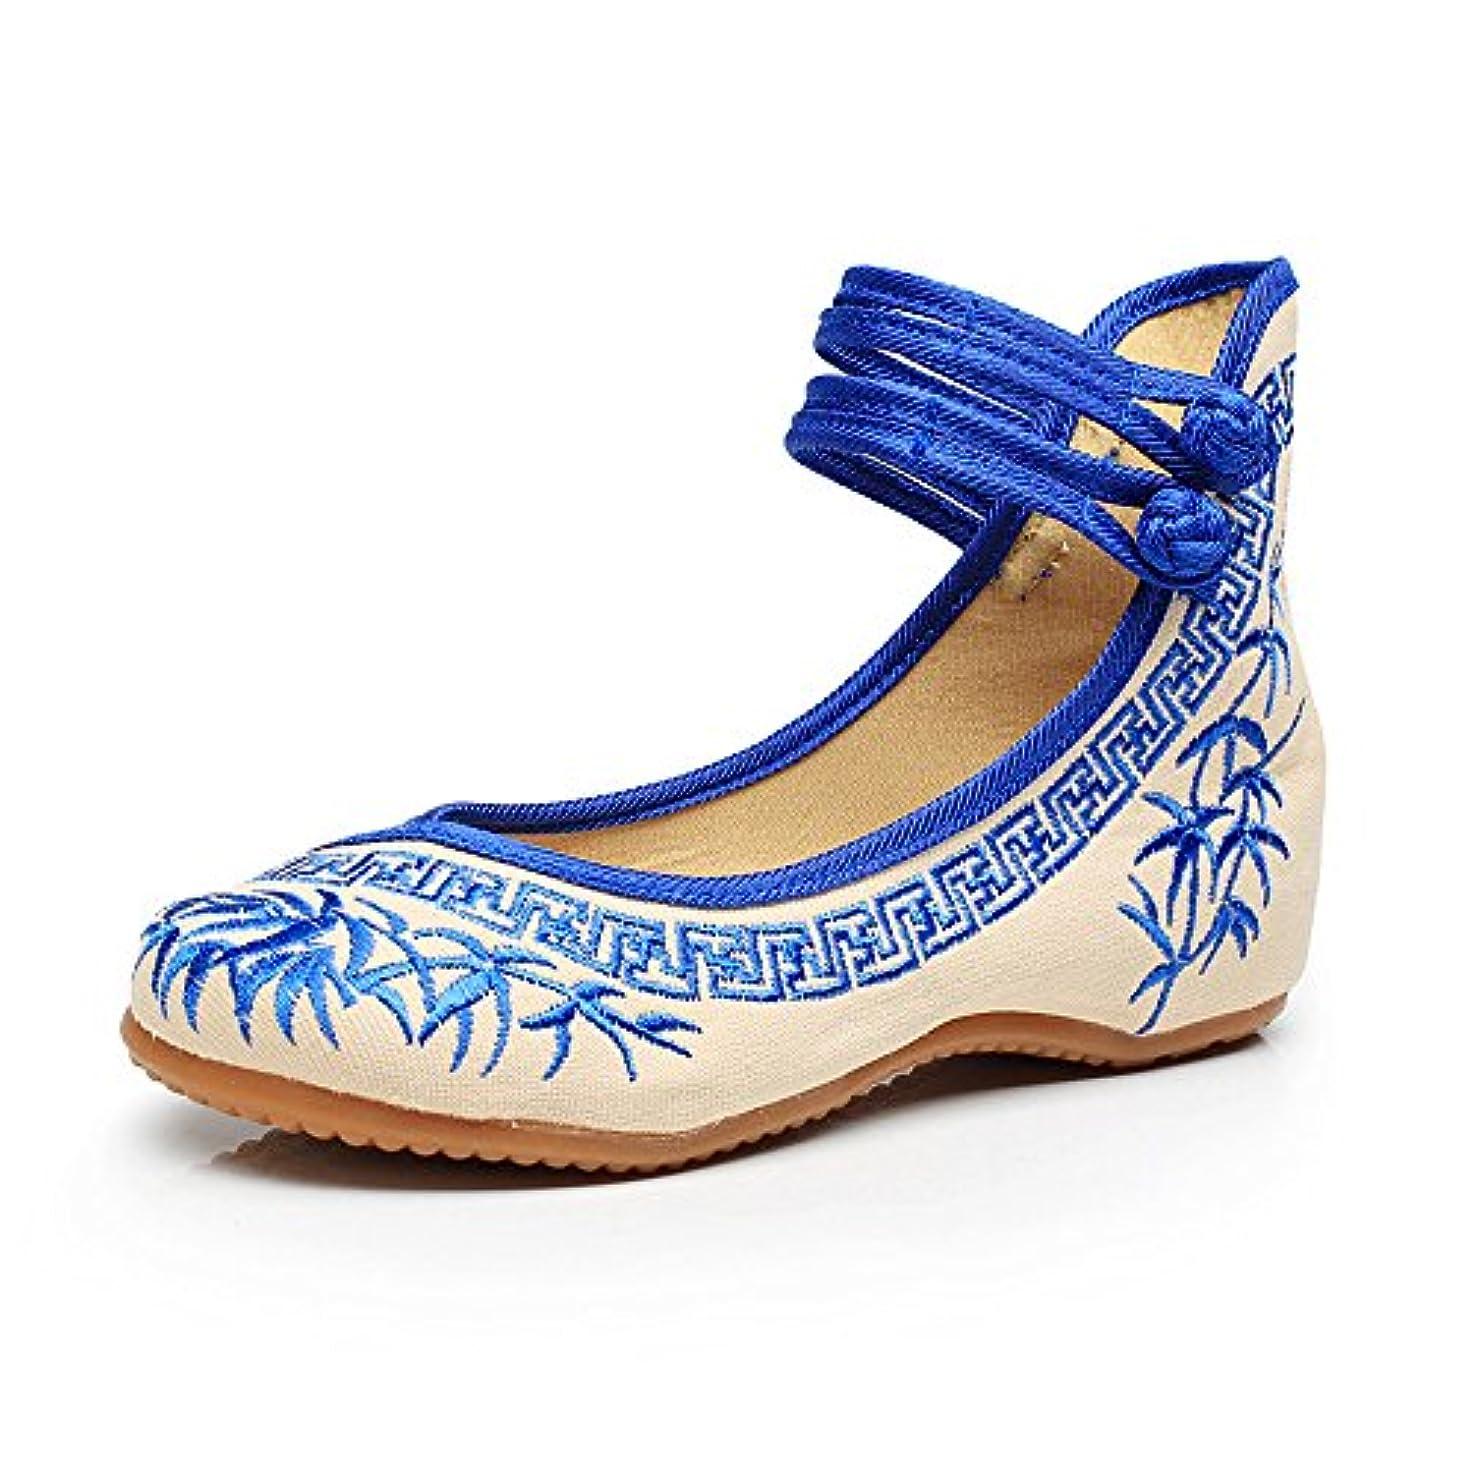 脱獄北方明確な[Fanwer] 竹刺繍女性の靴中国のカジュアルなフラットソールメアリーJanes靴